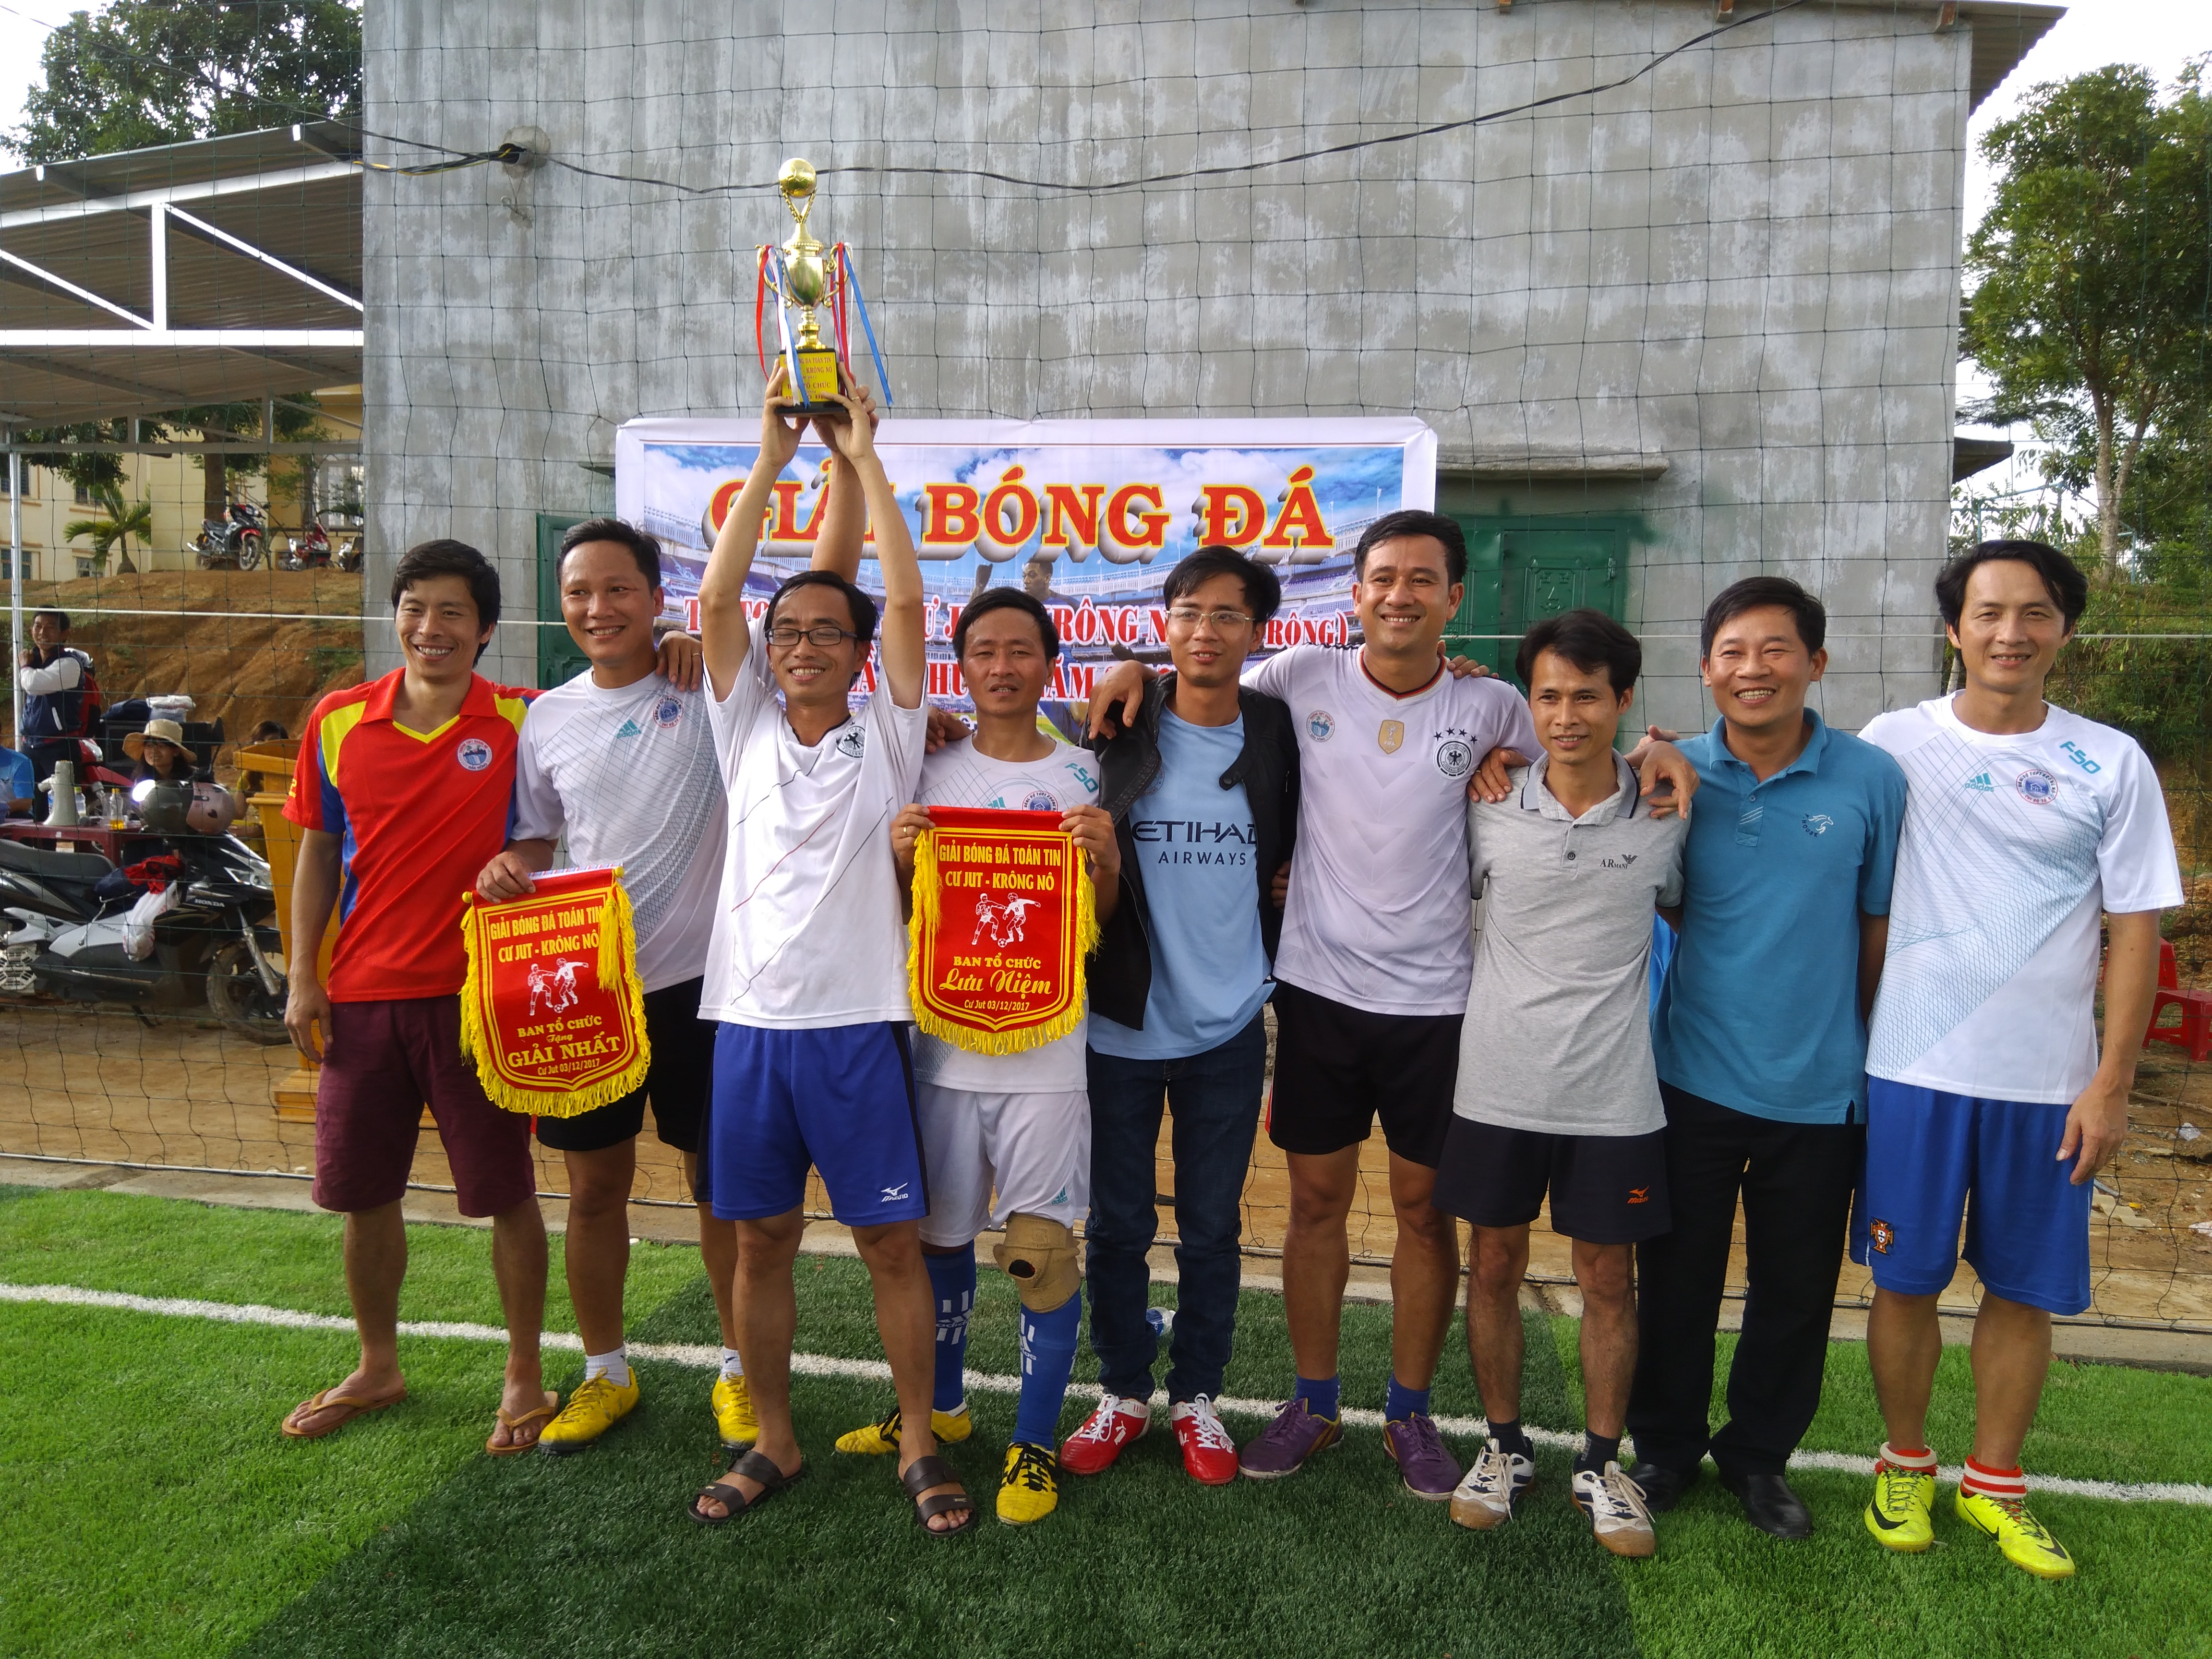 TT2017 - Bong da - Nhan cup